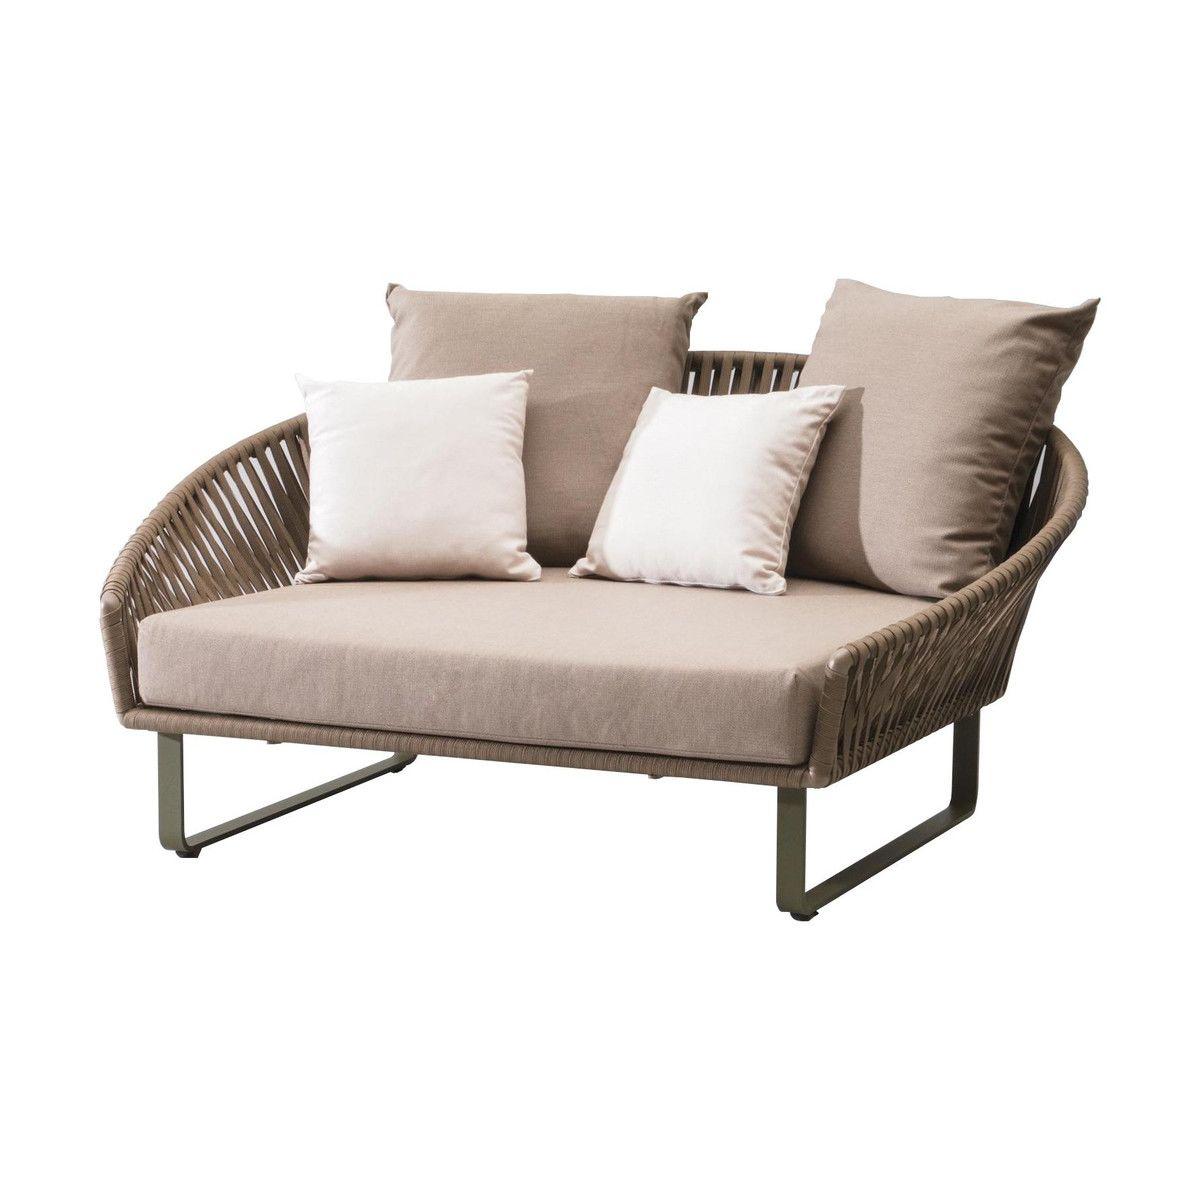 tagesbett ausziehbar woood tagesbett jade with tagesbett. Black Bedroom Furniture Sets. Home Design Ideas